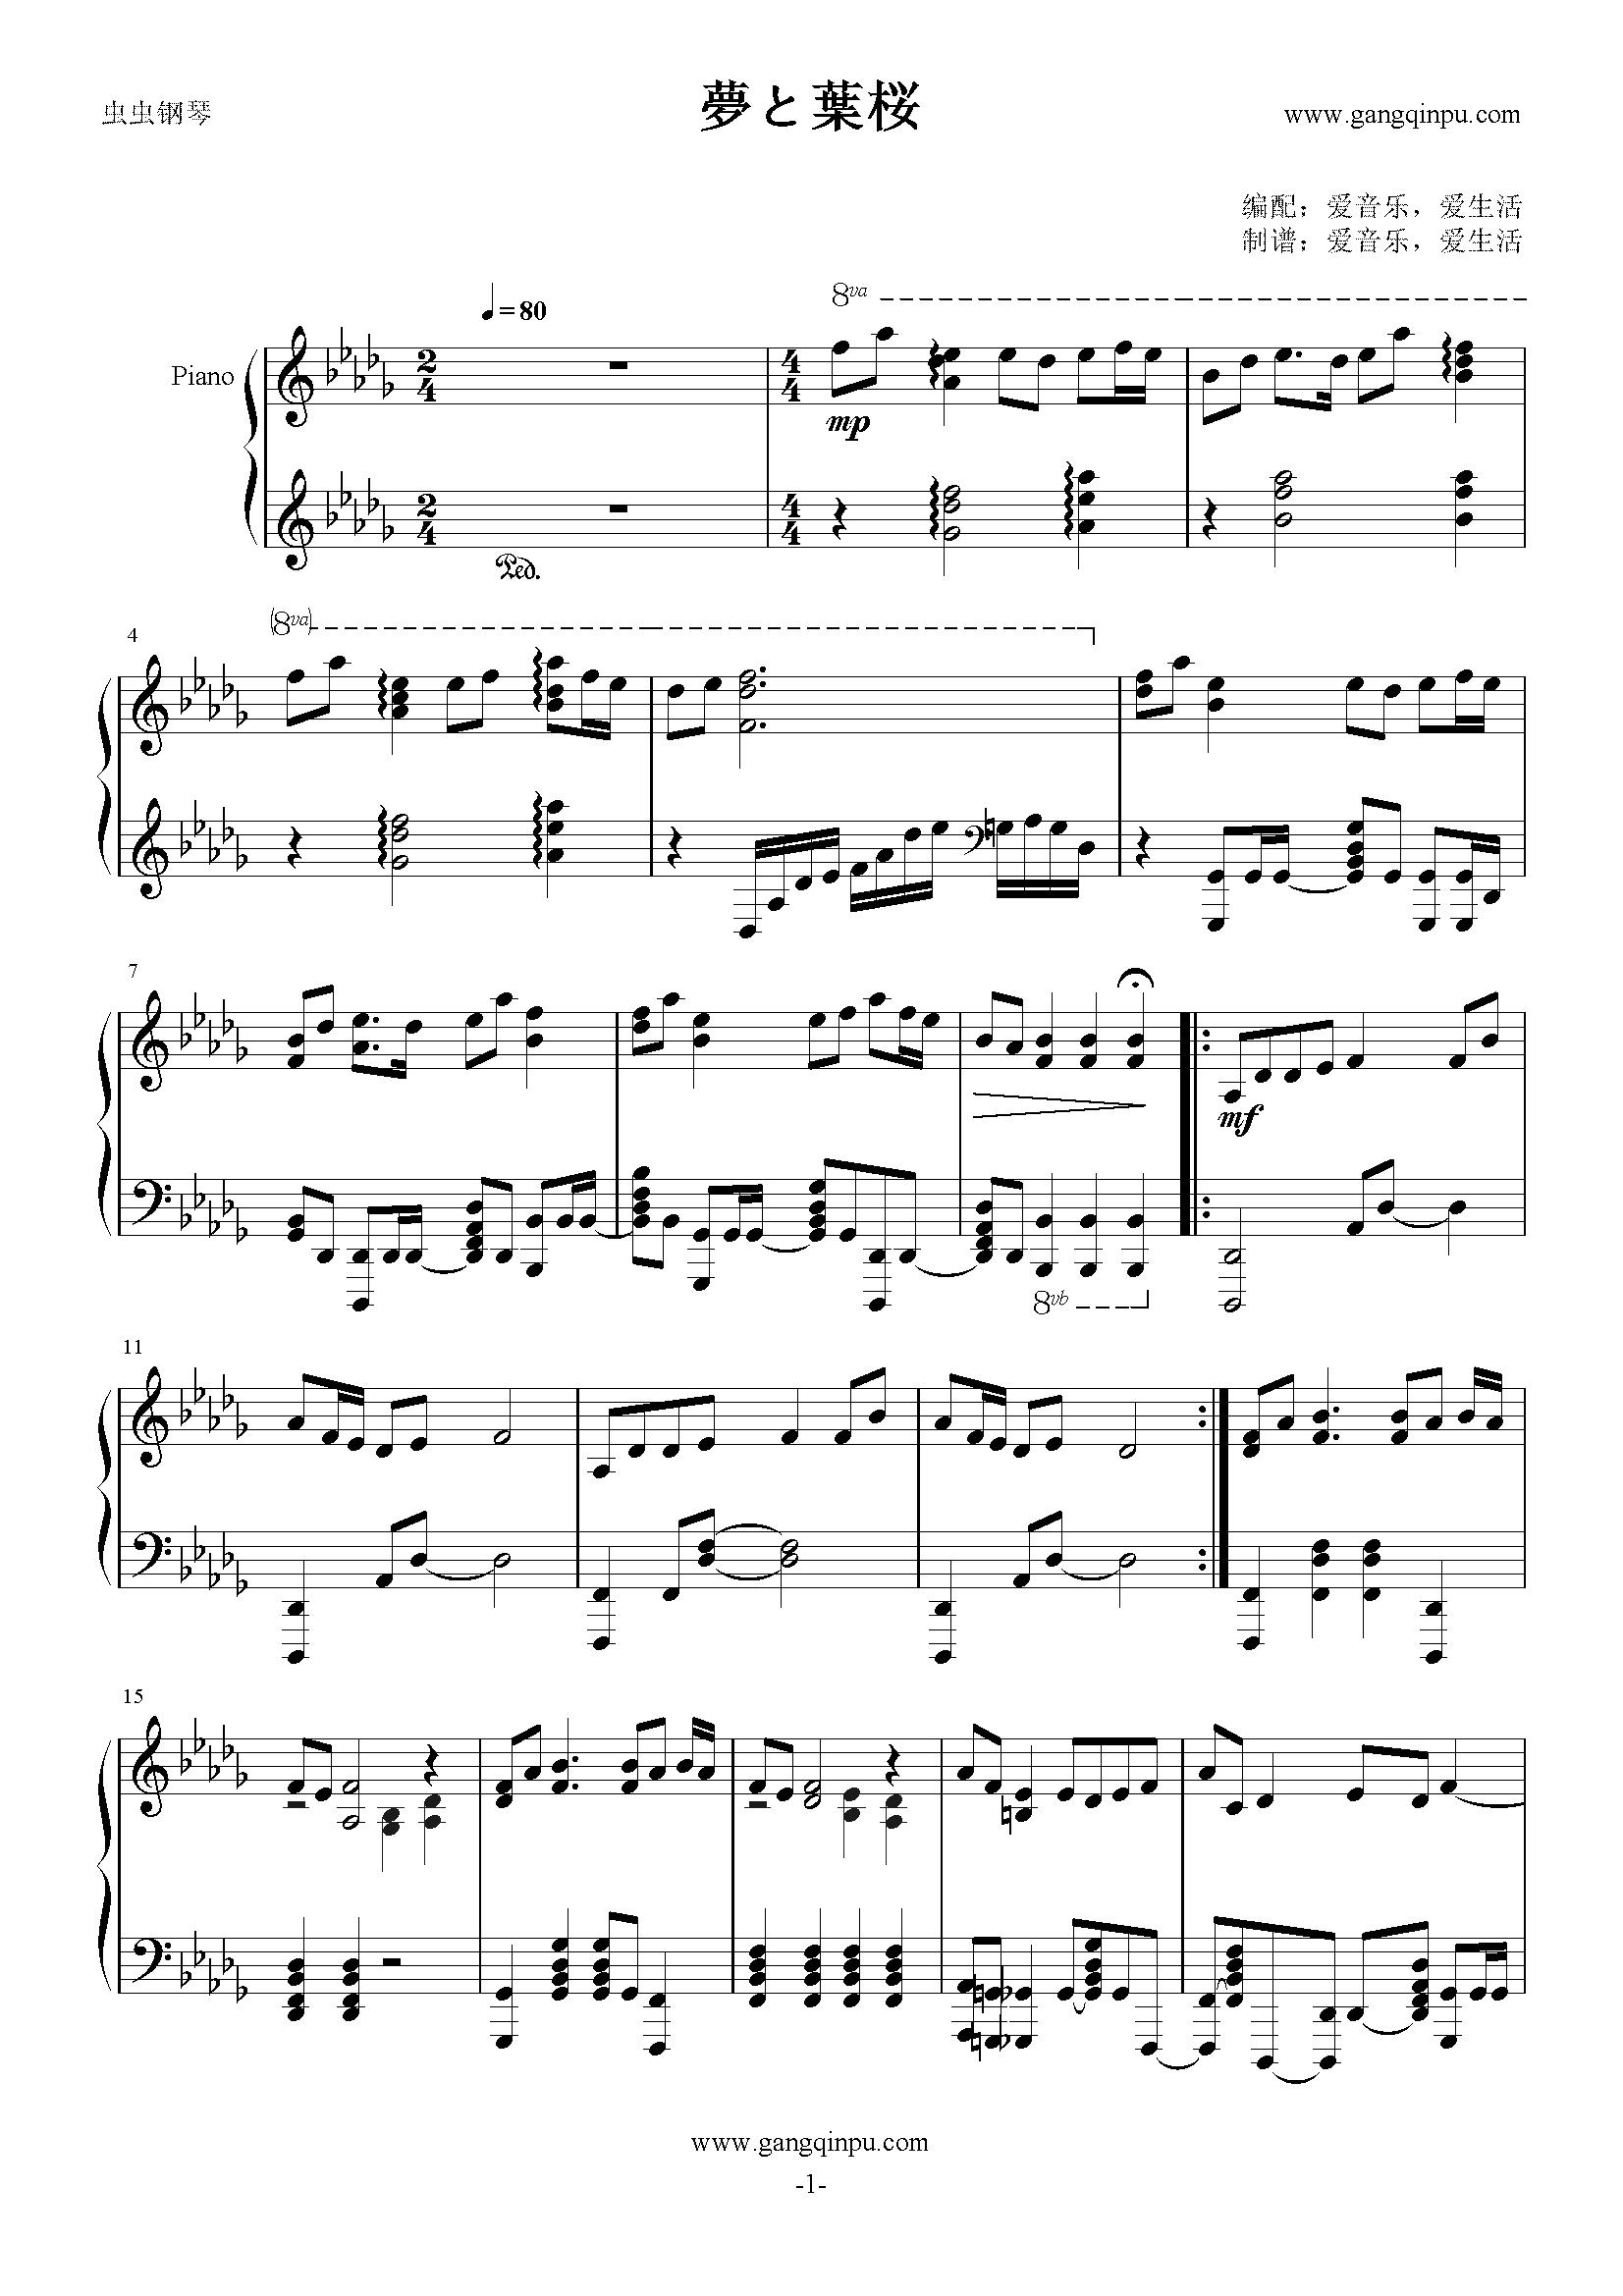 叶罗丽钢琴曲五音谱-叶桜,梦と叶桜钢琴谱,梦と叶桜钢琴谱网,梦と叶桜钢琴谱大全,